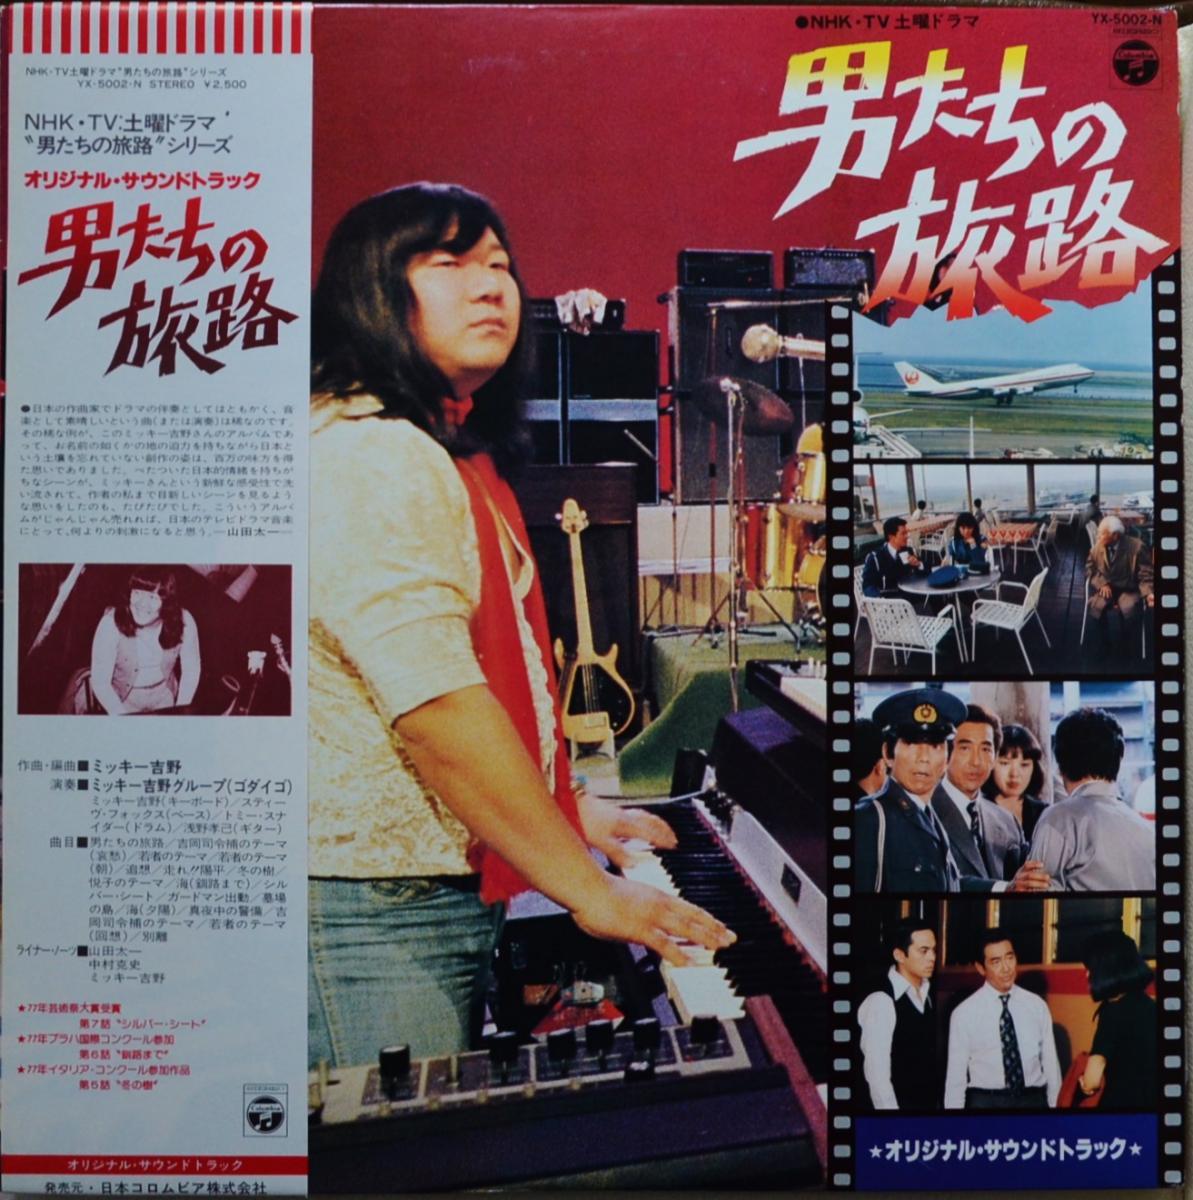 O.S.T. (ミッキー吉野グループ) / 男たちの旅路 (NHK・TV土曜ドラマ) (LP)